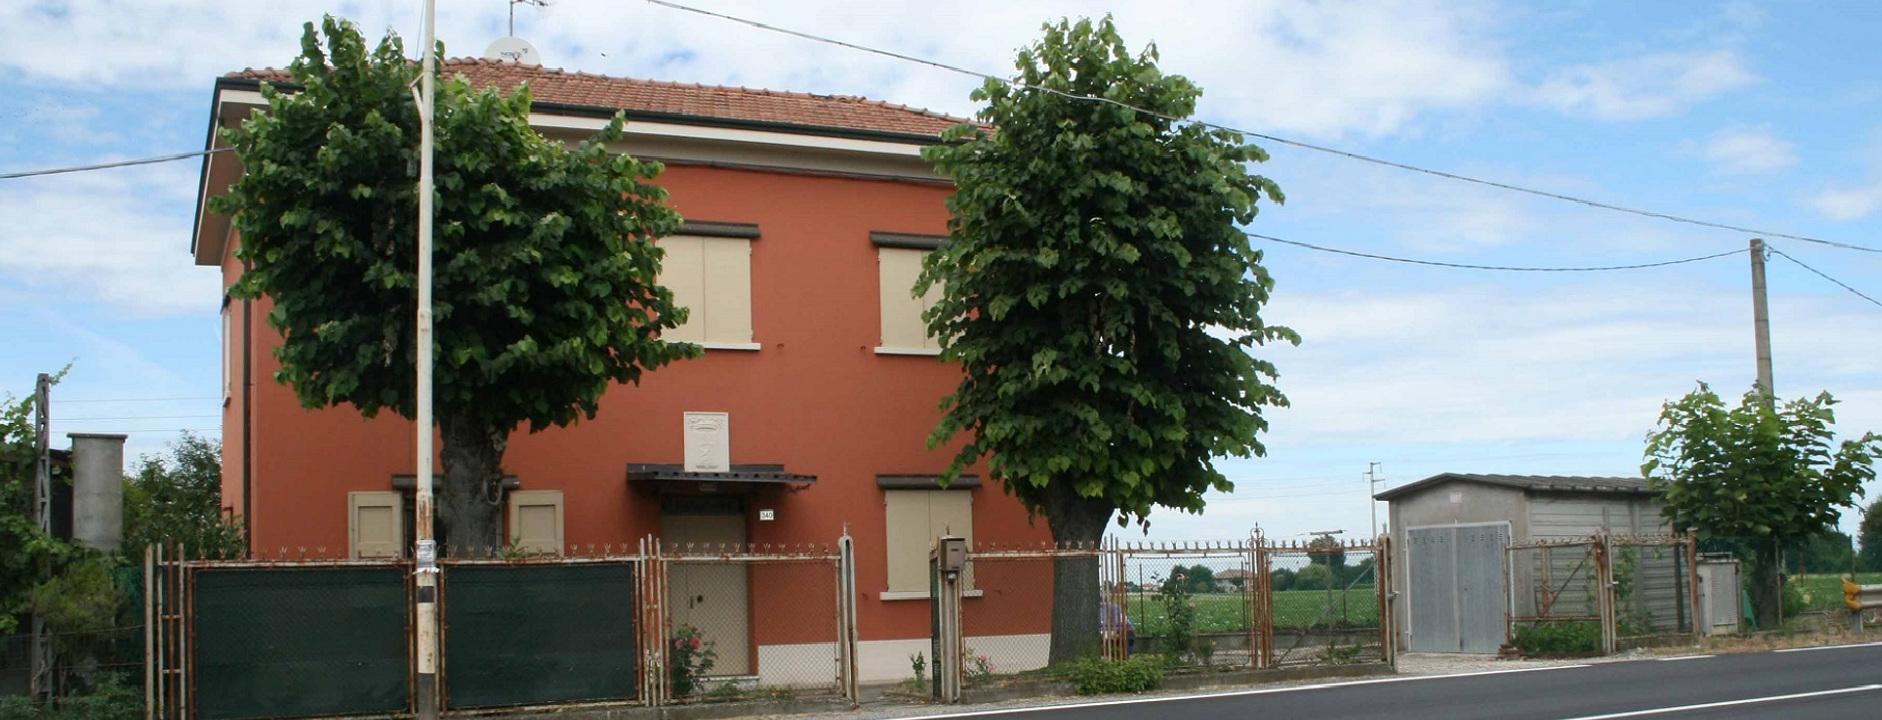 aste bologna casa - photo#21